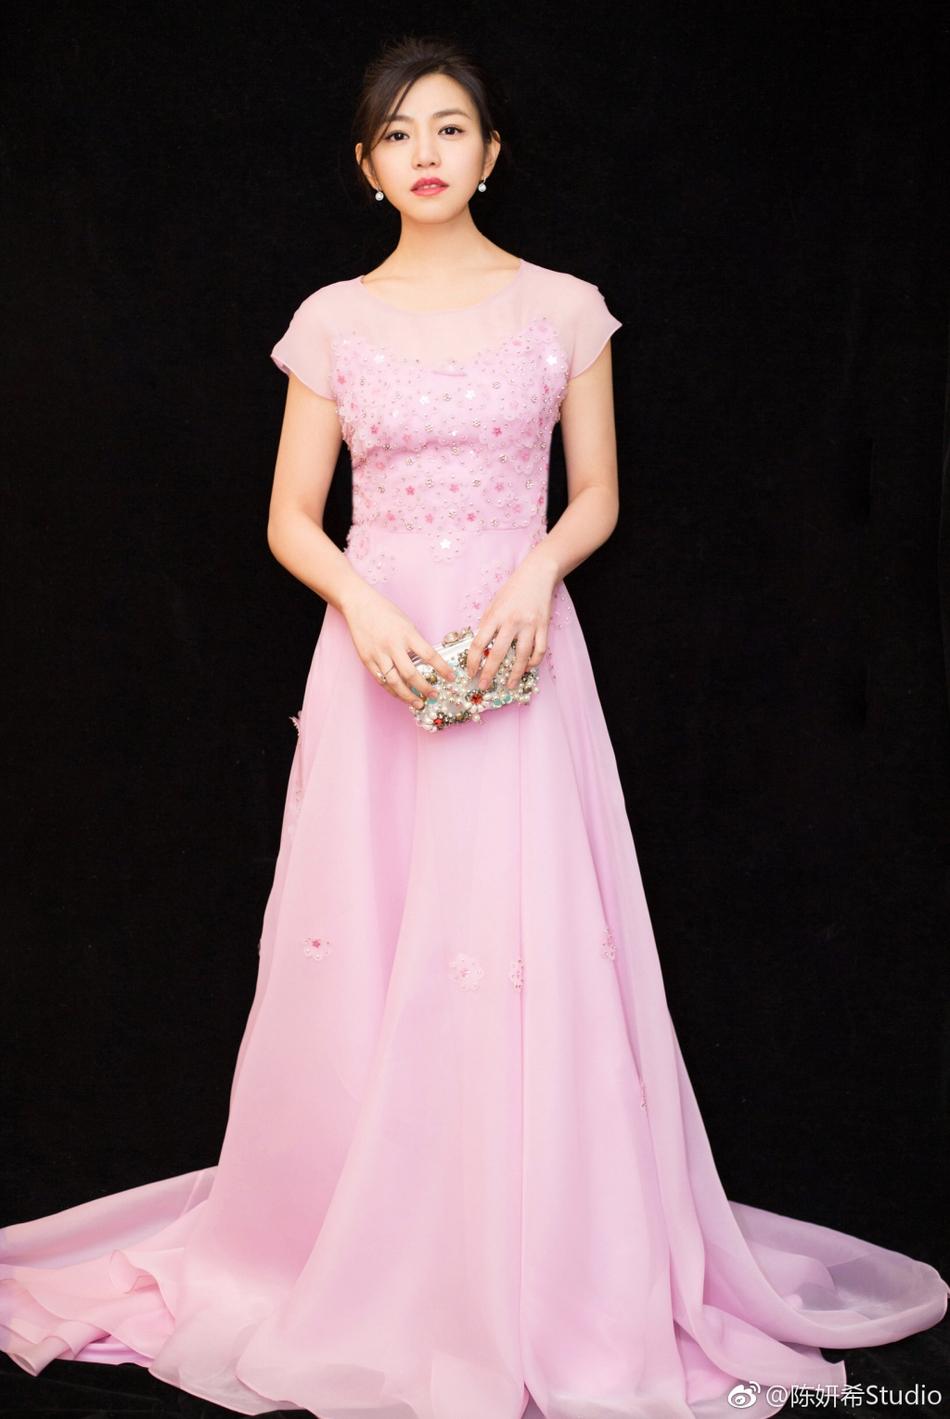 y参加活动,她穿一袭粉裙造型